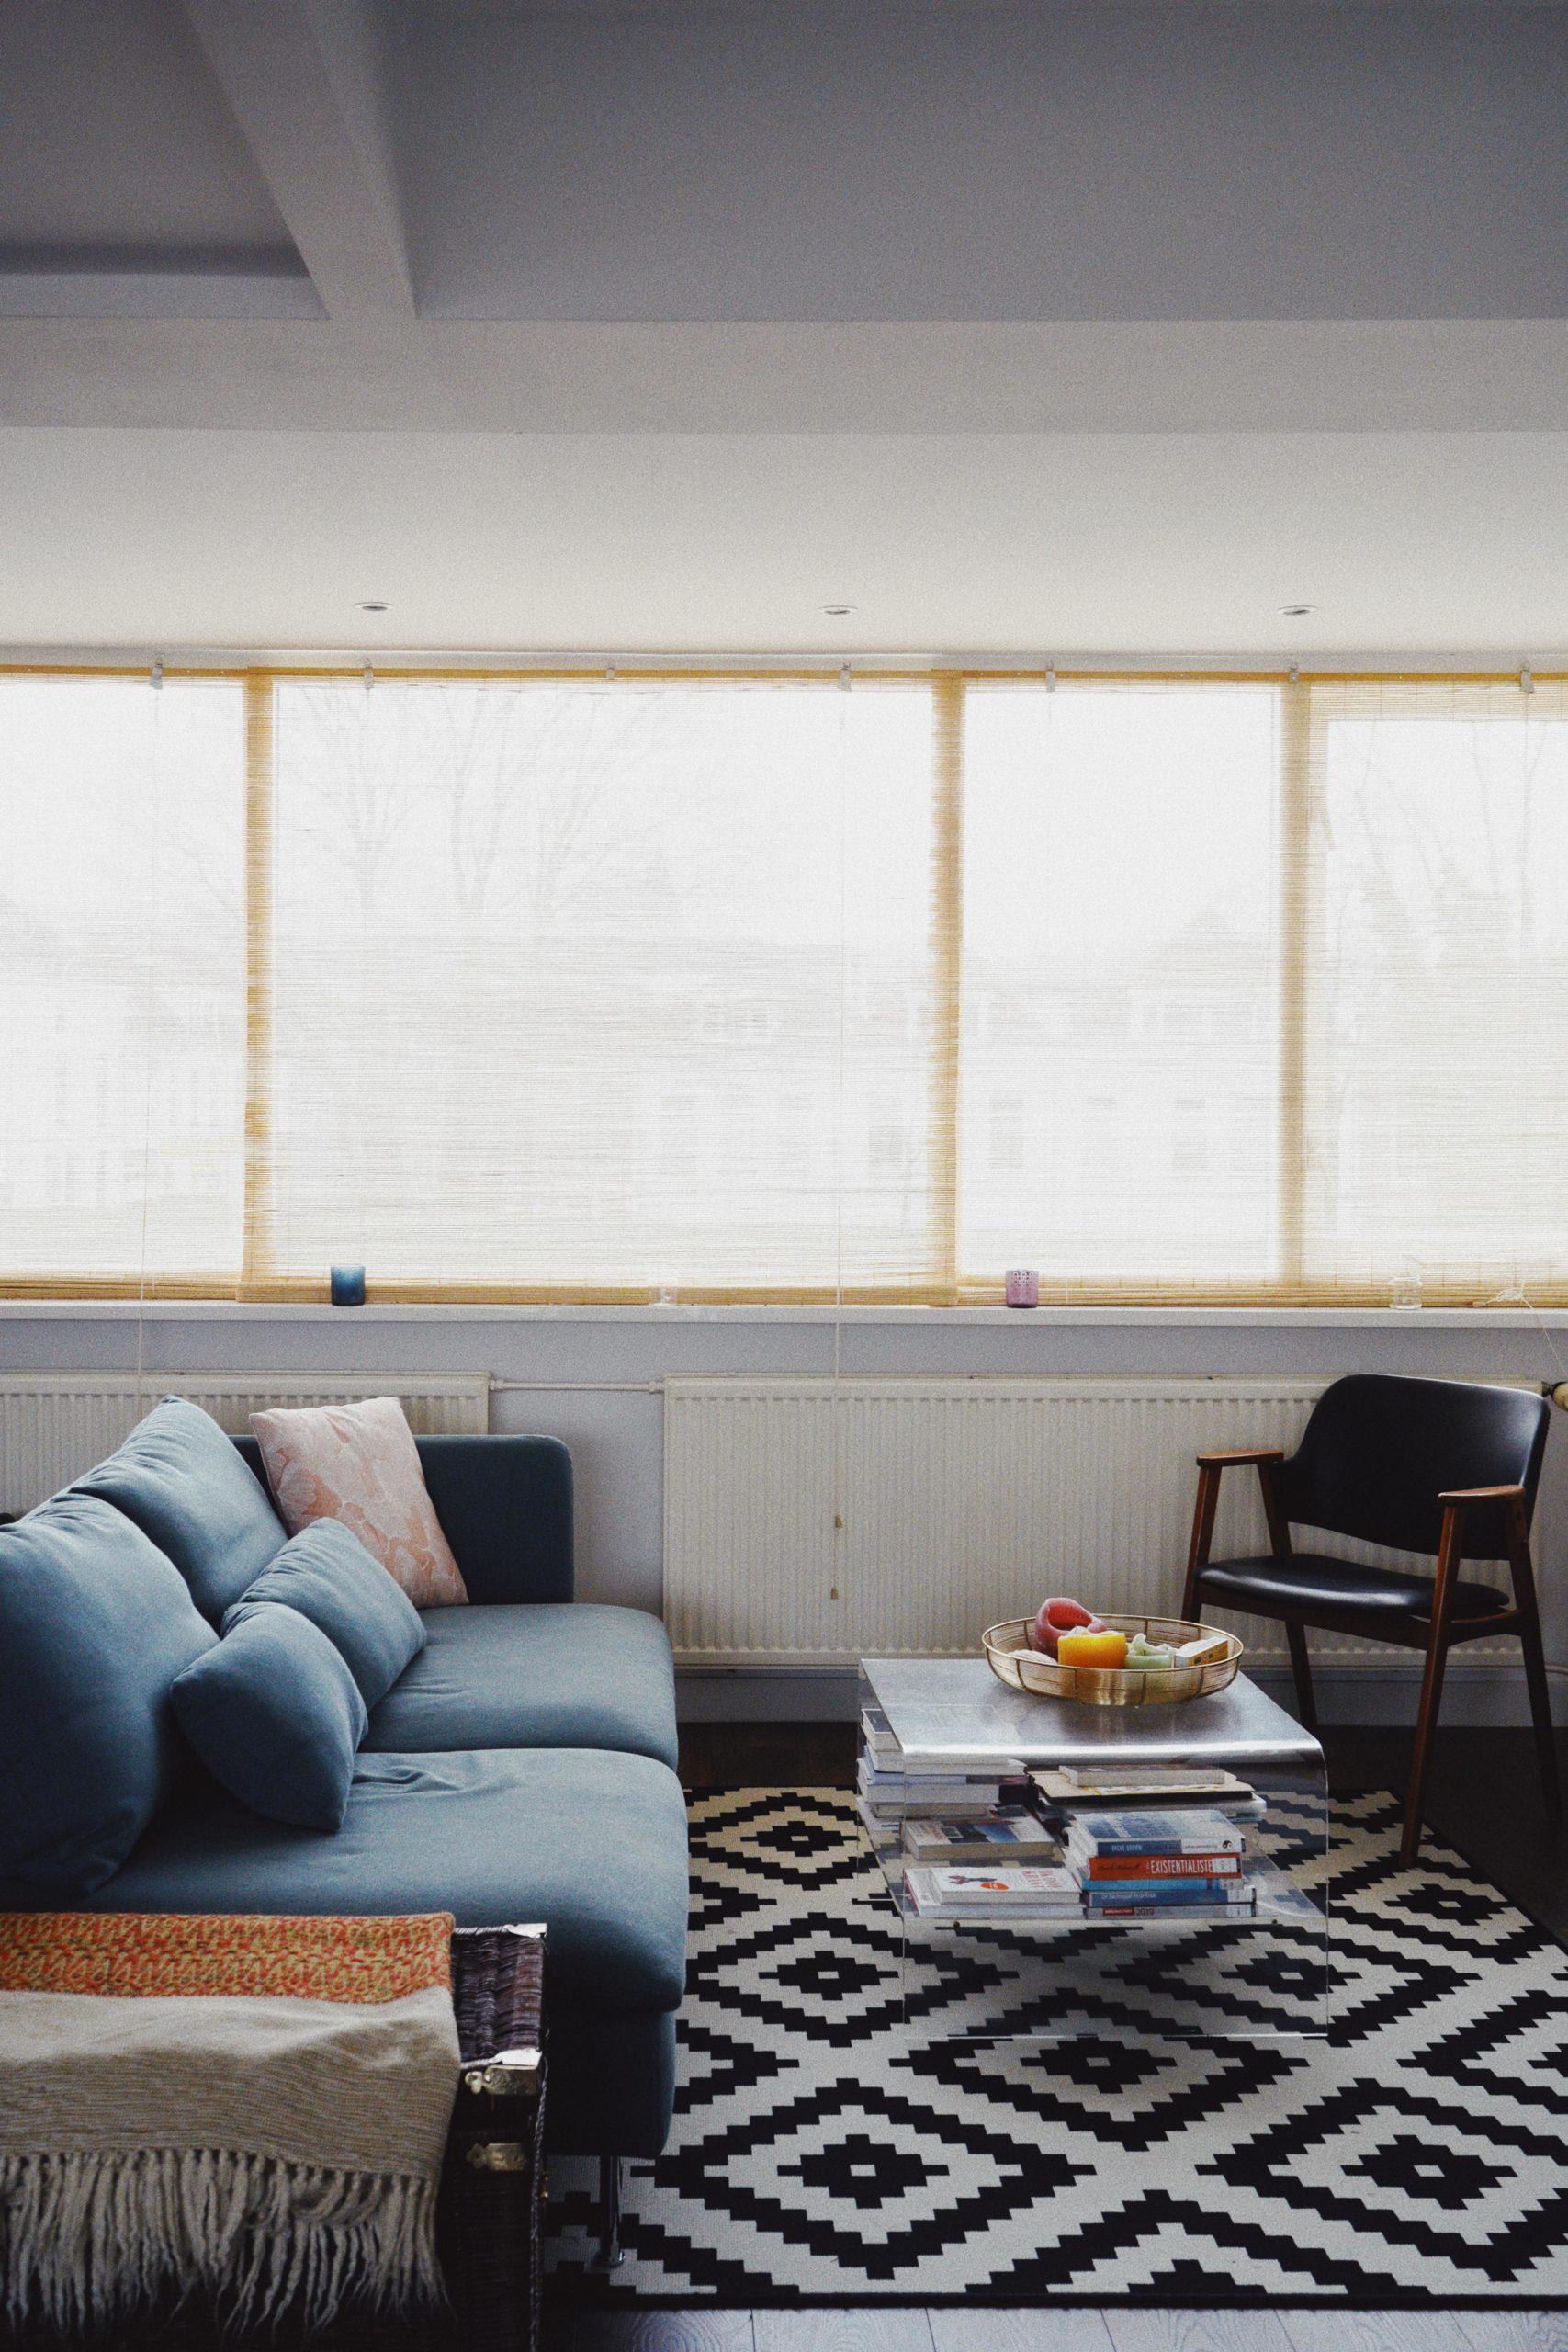 Türkises sofa plexiglastisch und Sessel vor Fenster